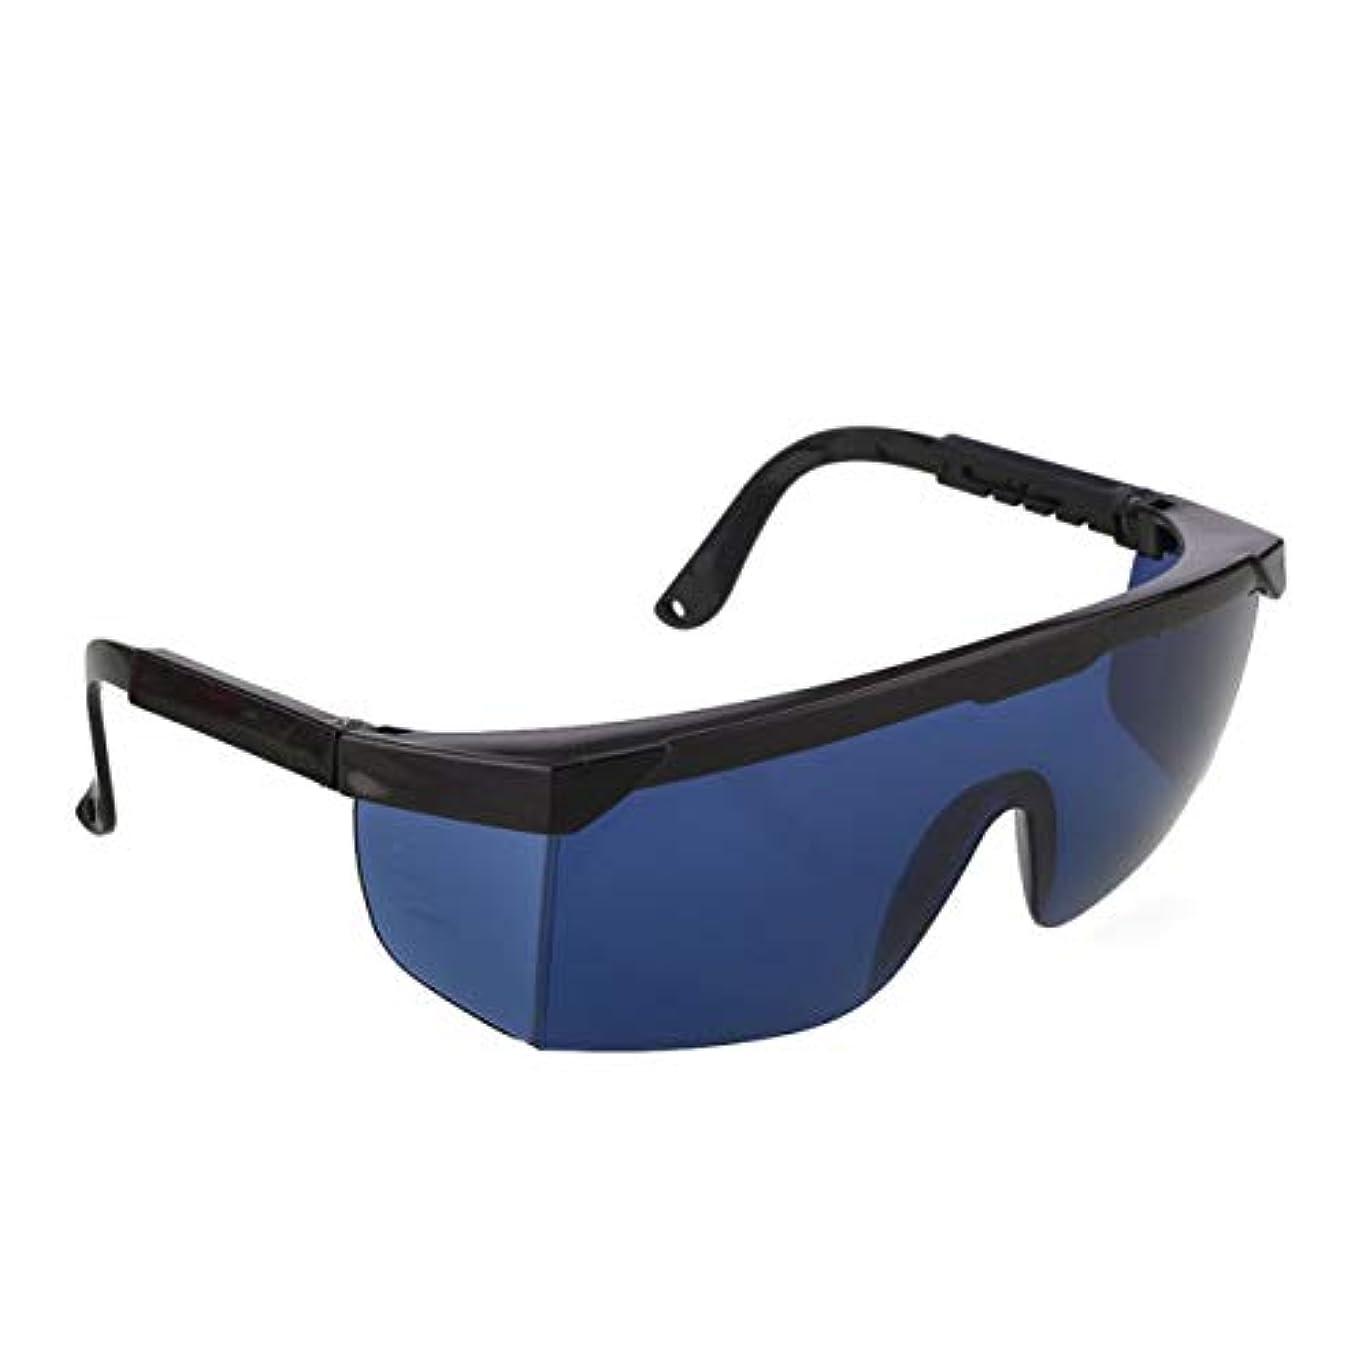 エレクトロニック苦行スポーツSaikogoods 除毛クリーム ポイント脱毛保護メガネユニバーサルゴーグル眼鏡を凍結IPL/E-光OPTのためのレーザー保護メガネ 青